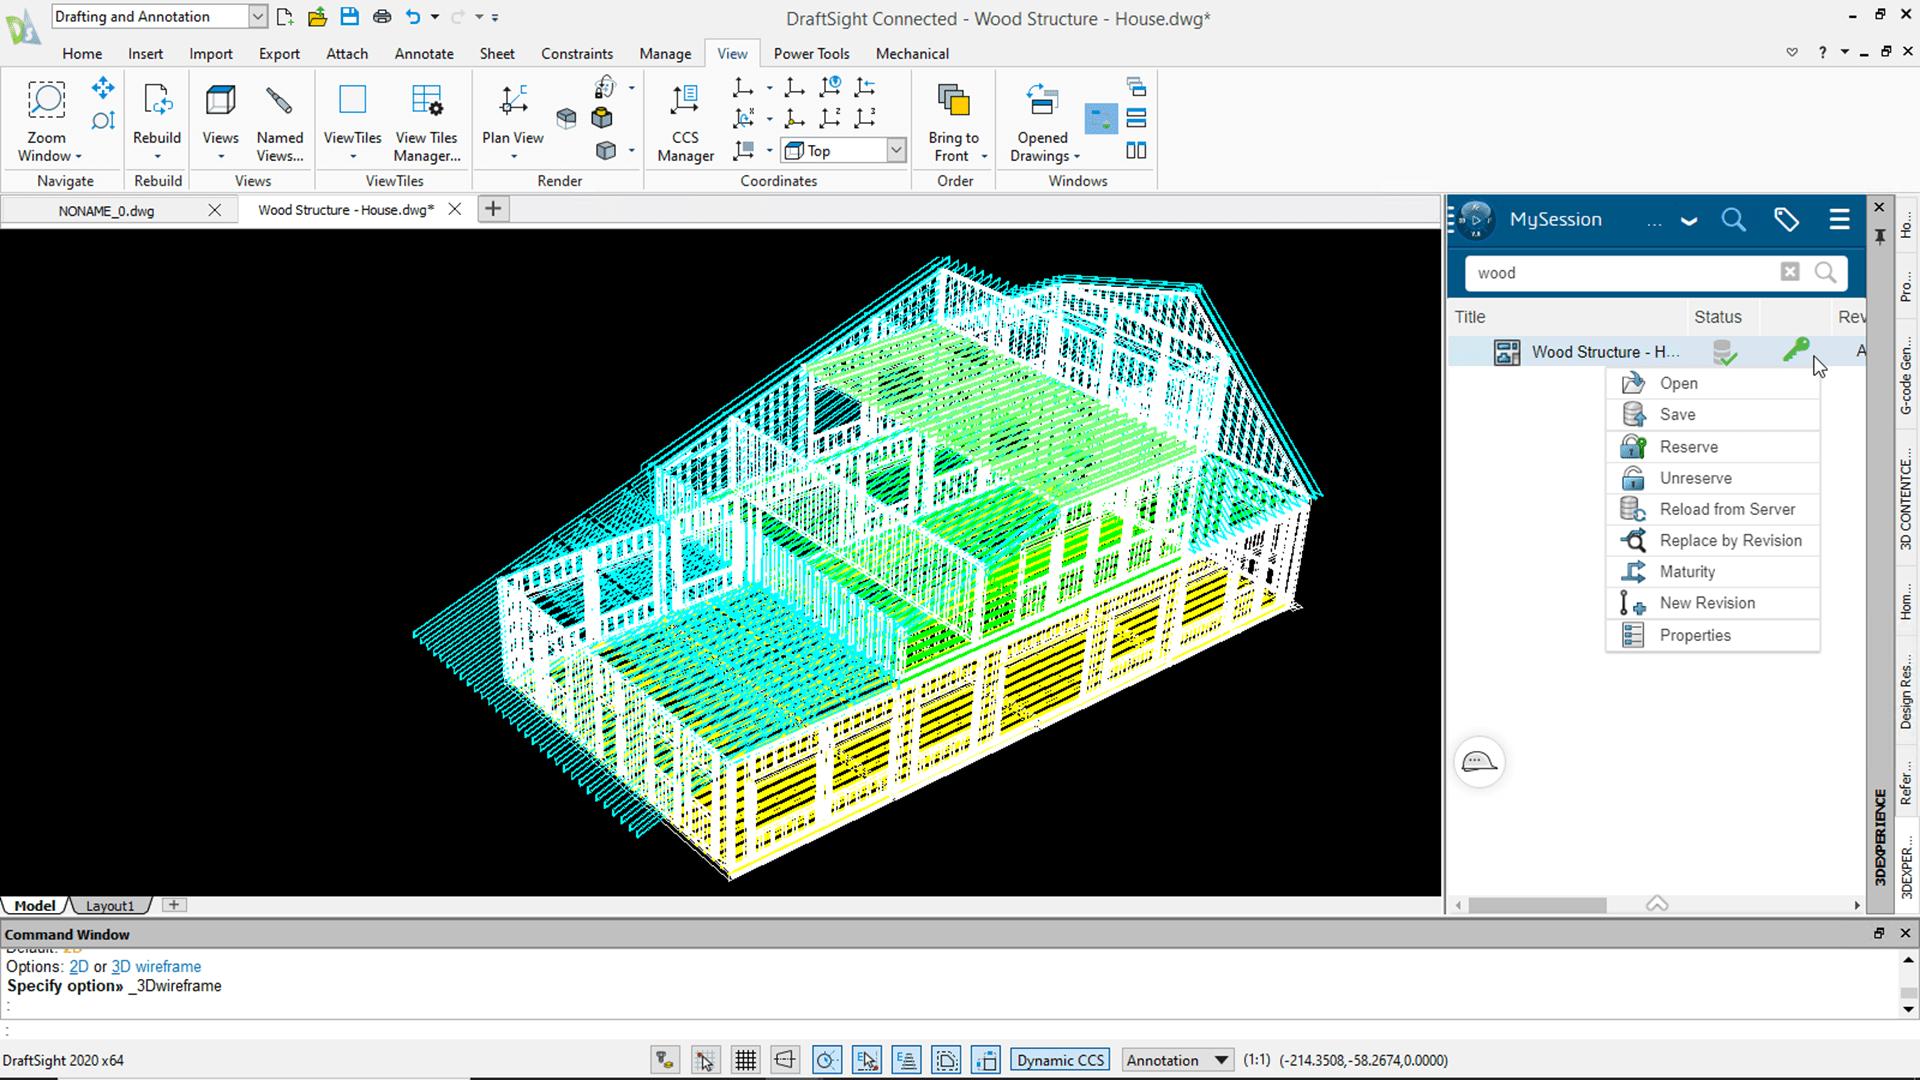 Zeichnung eines Hauses mit DraftSight